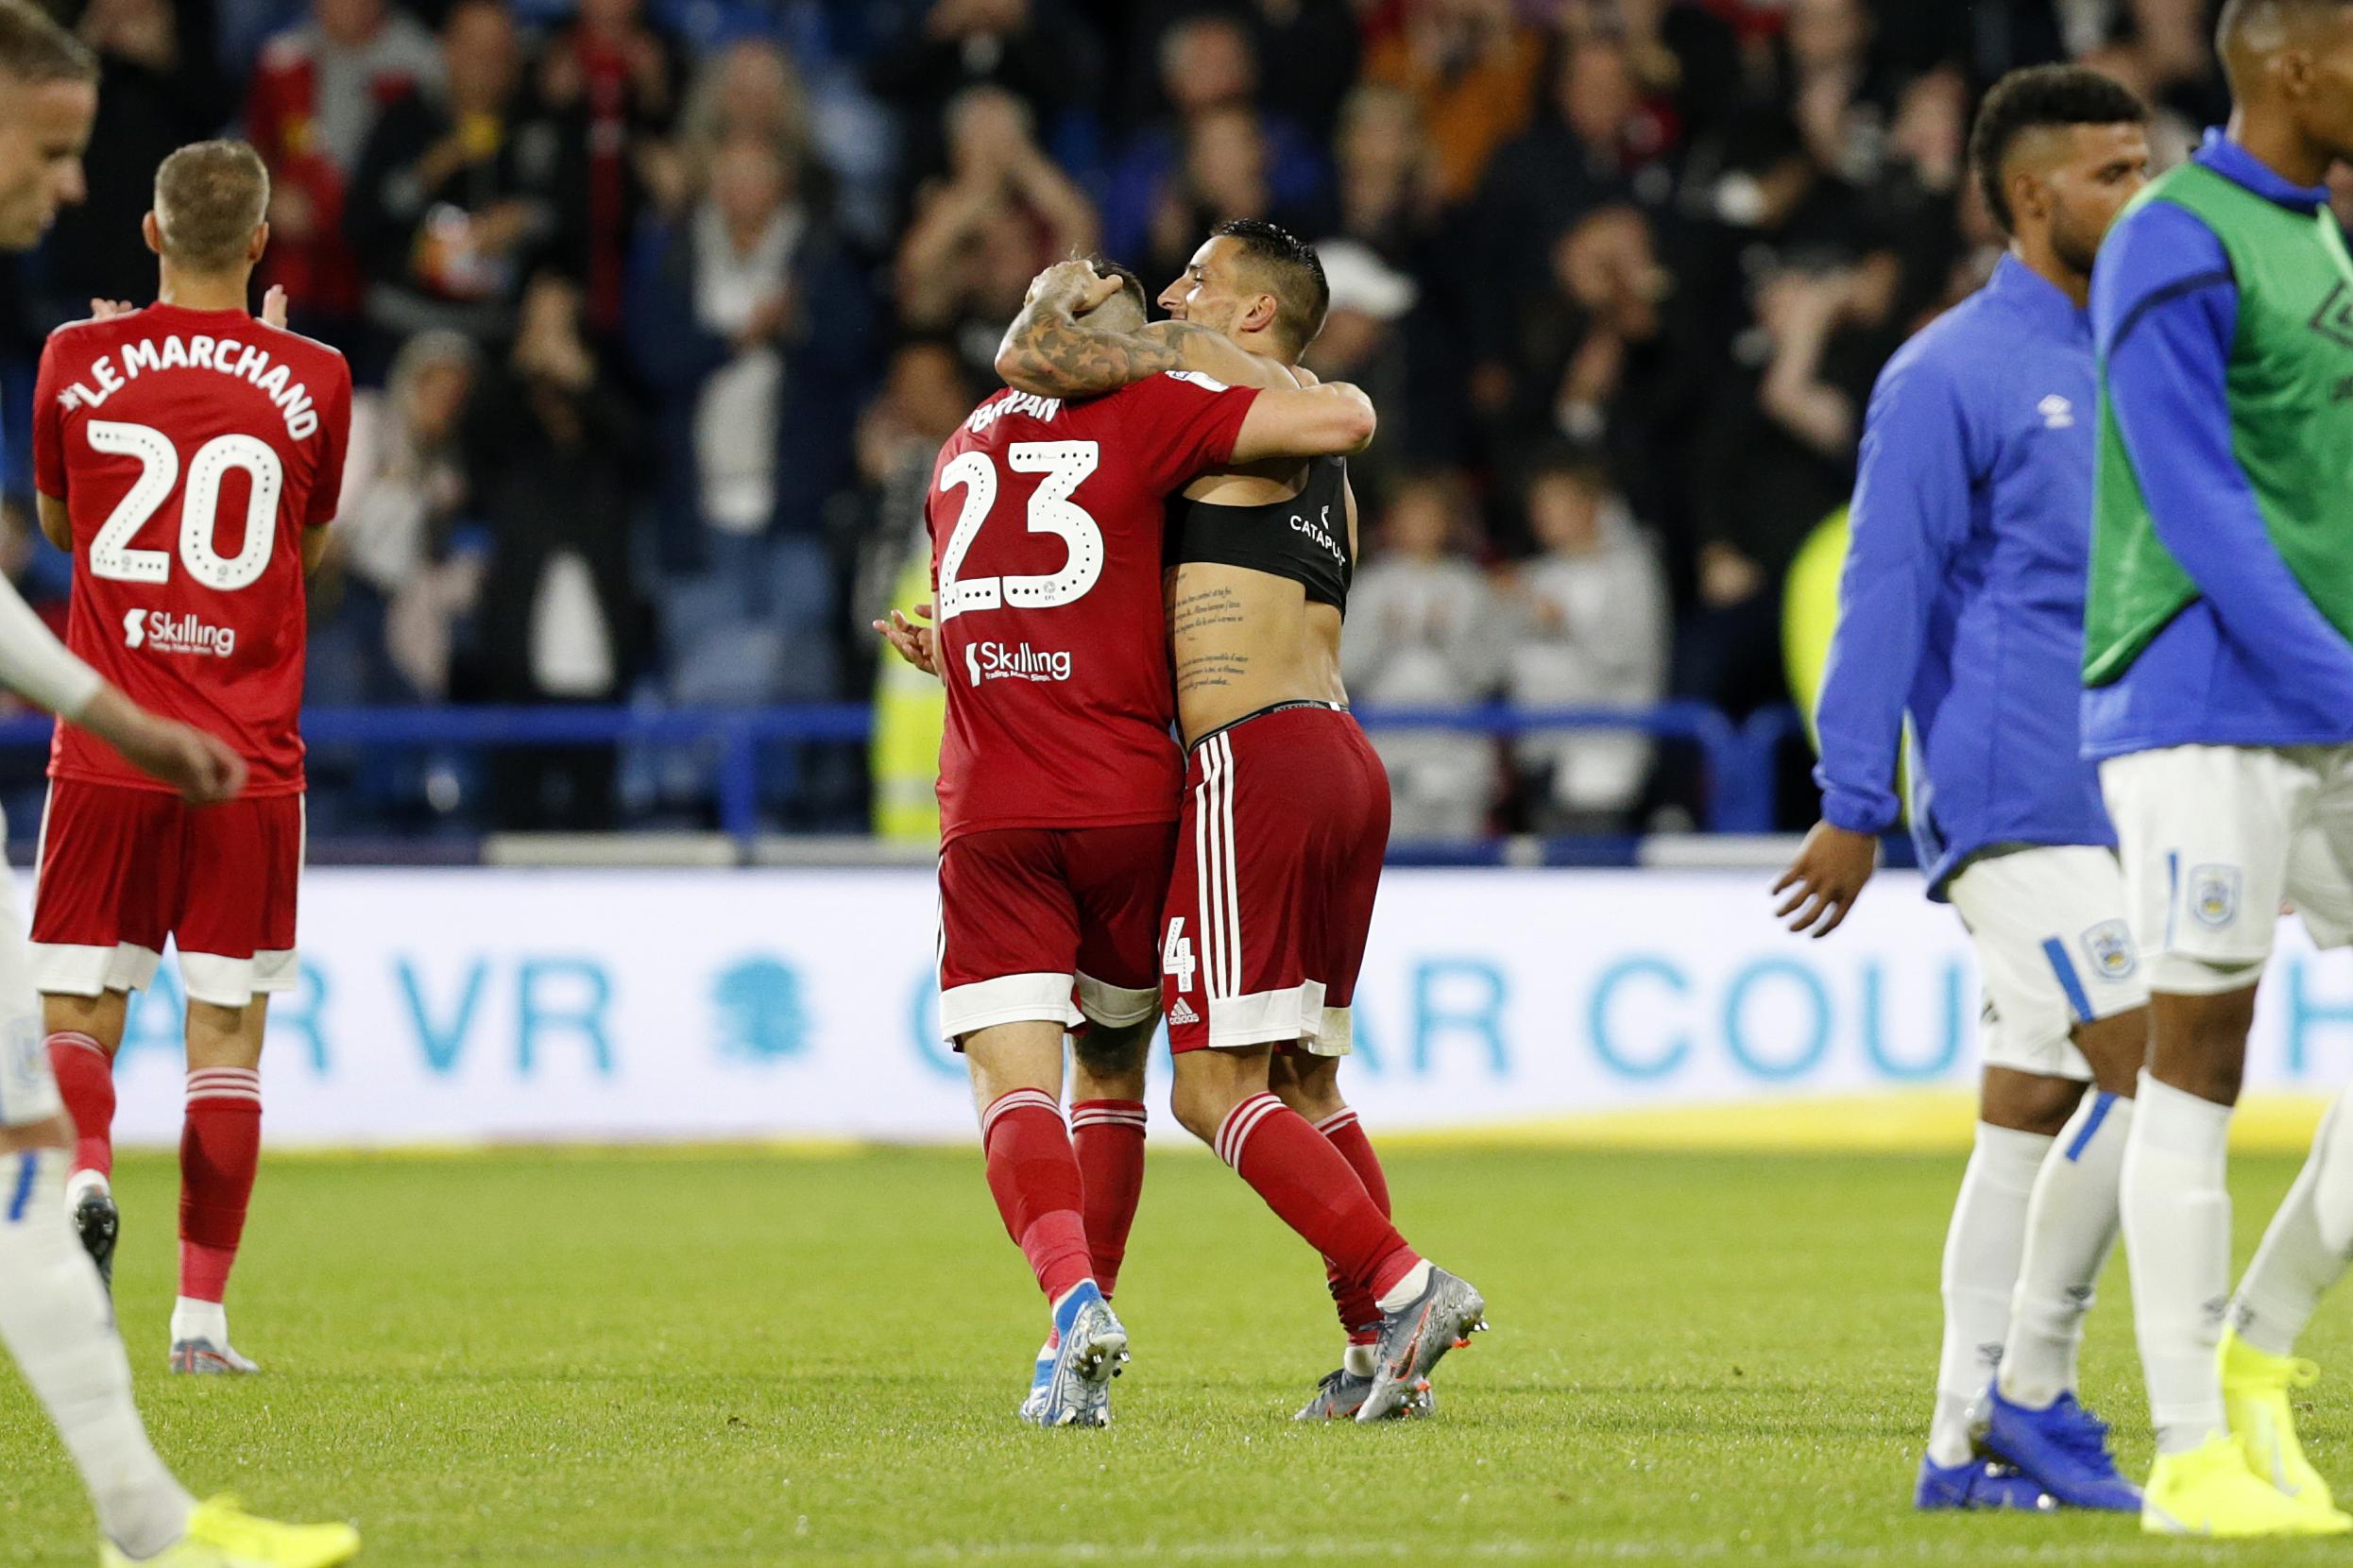 Huddersfield Town v Fulham - Sky Bet Championship